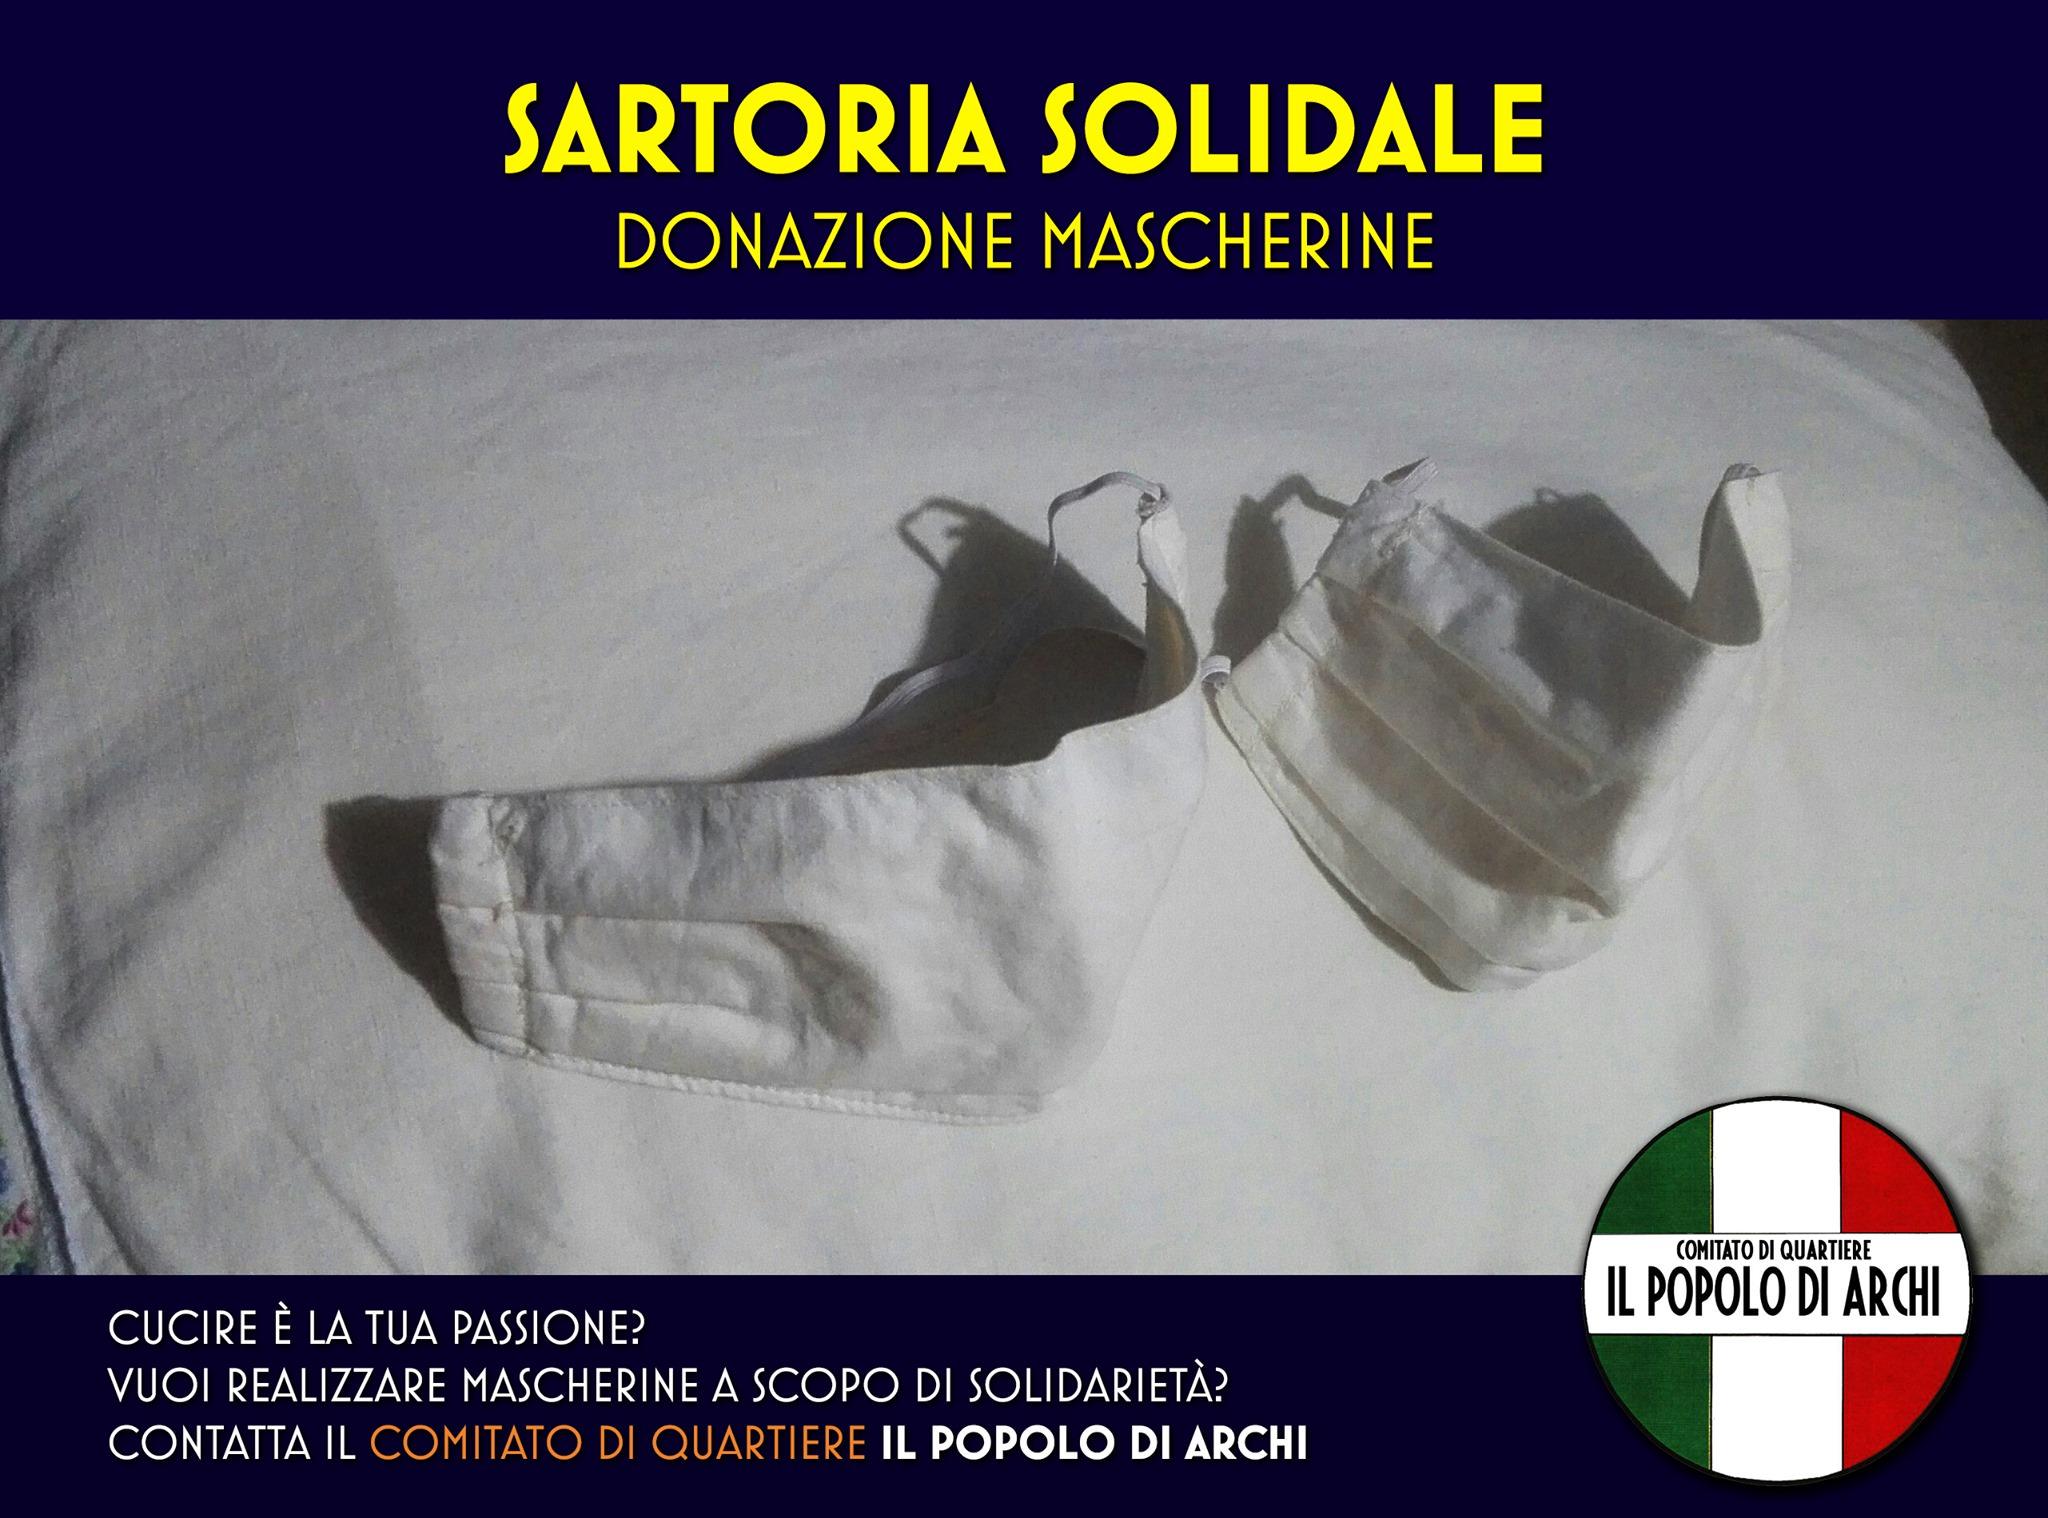 Mascherine solidali Archi Reggio